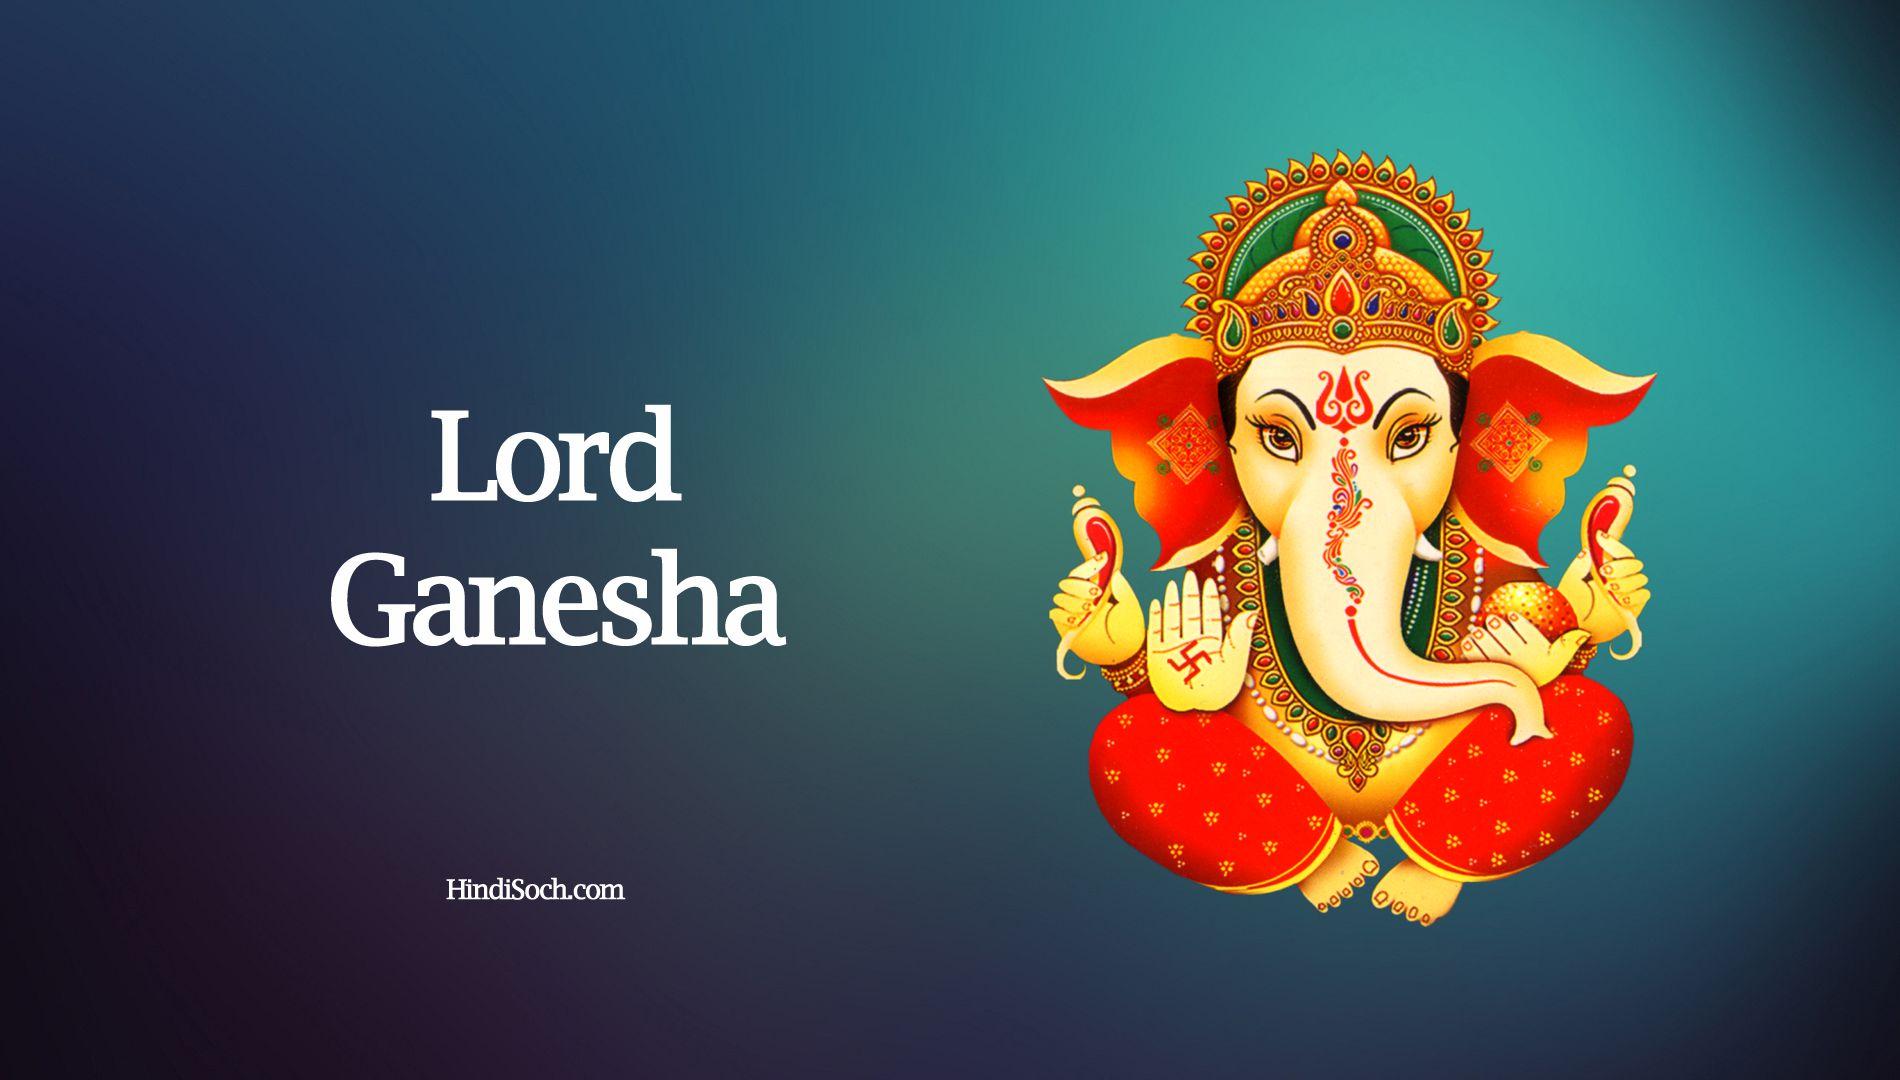 HD Lord Ganesha Images Full Size Ganesha Photos Free